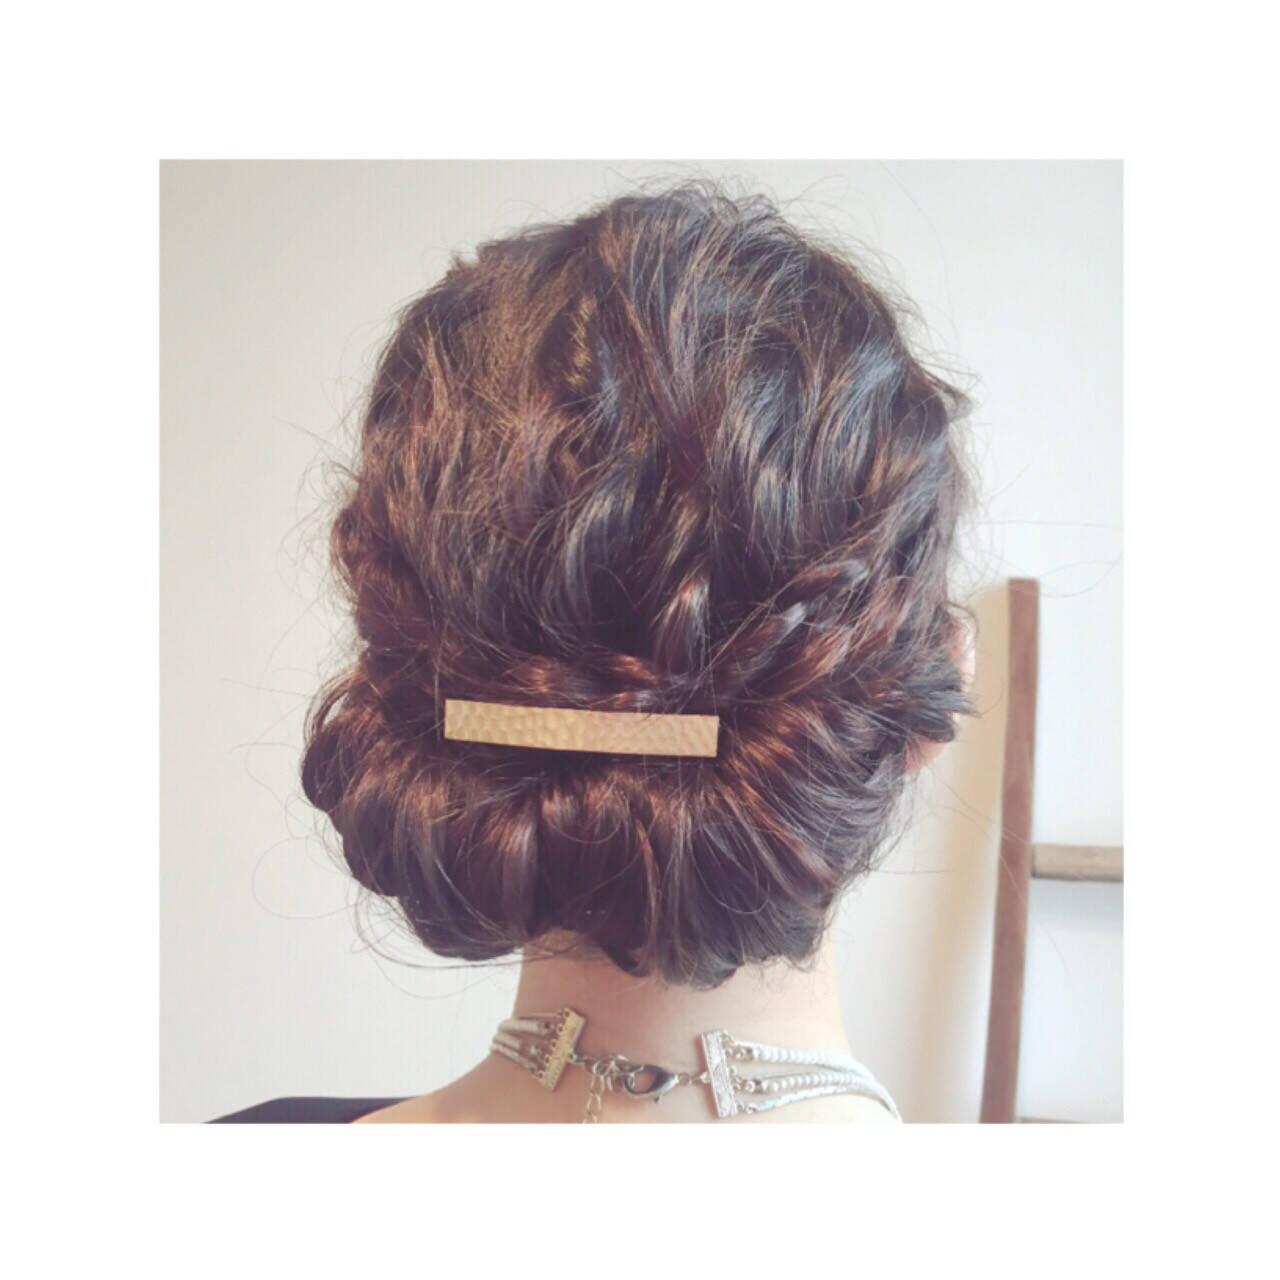 パーティ ギブソンタック 外国人風 セミロングヘアスタイルや髪型の写真・画像